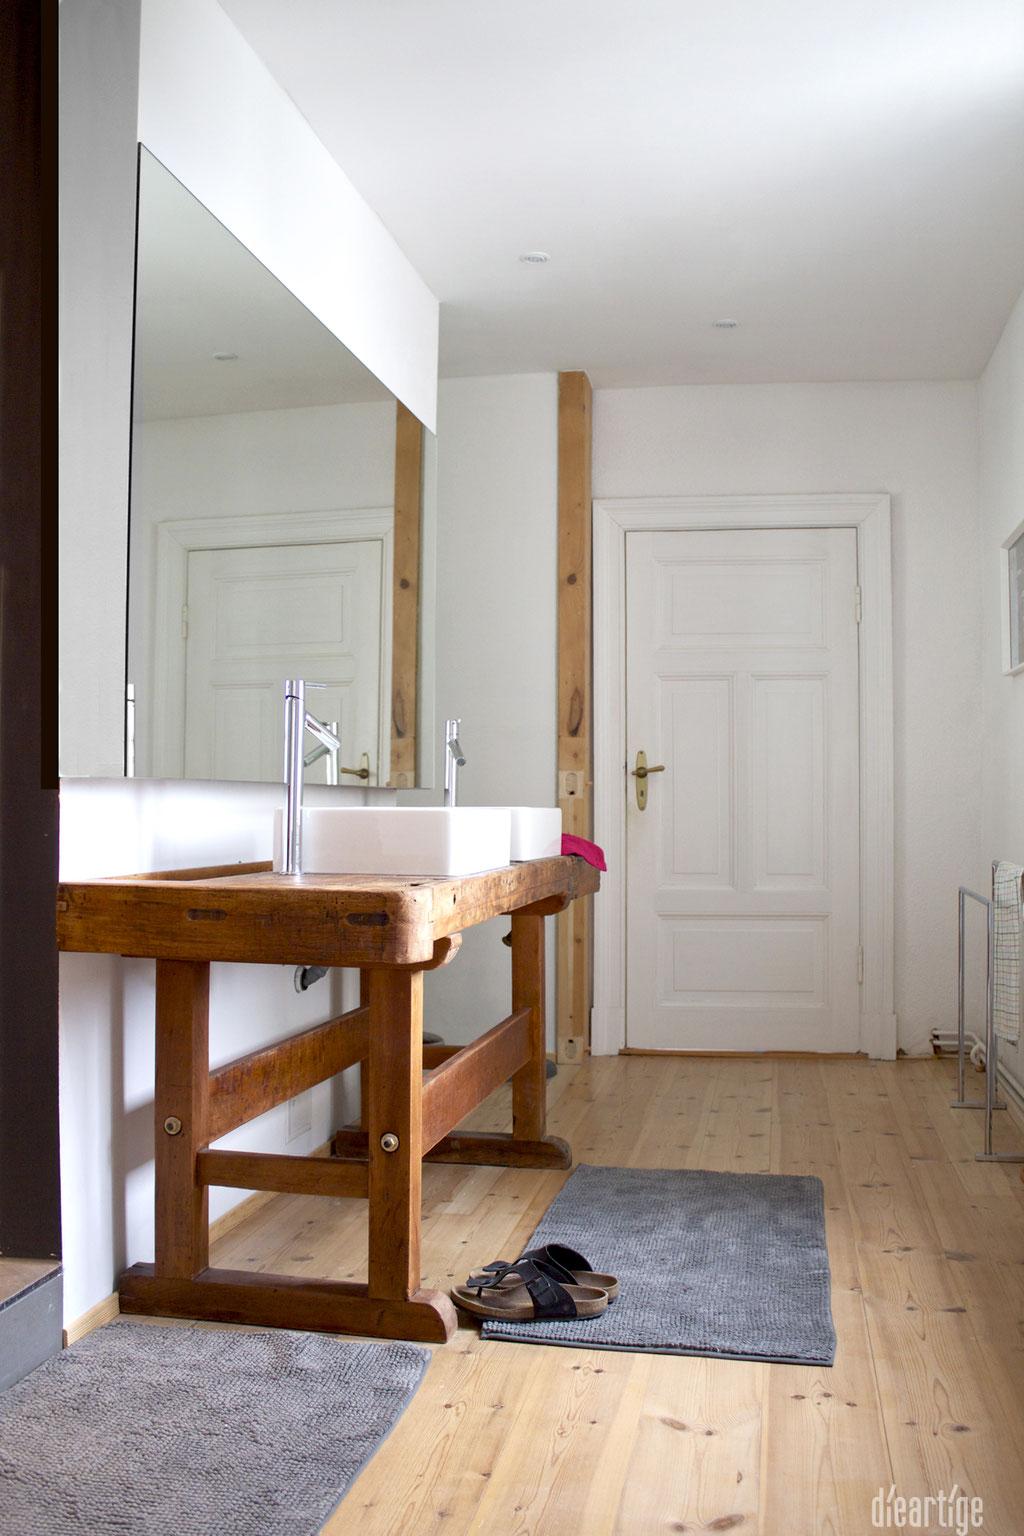 dieartigeUMBAU - Familie F. // Badezimmer // alte Werkbank als Waschtisch, Aufsatzwaschtische, Holzboden